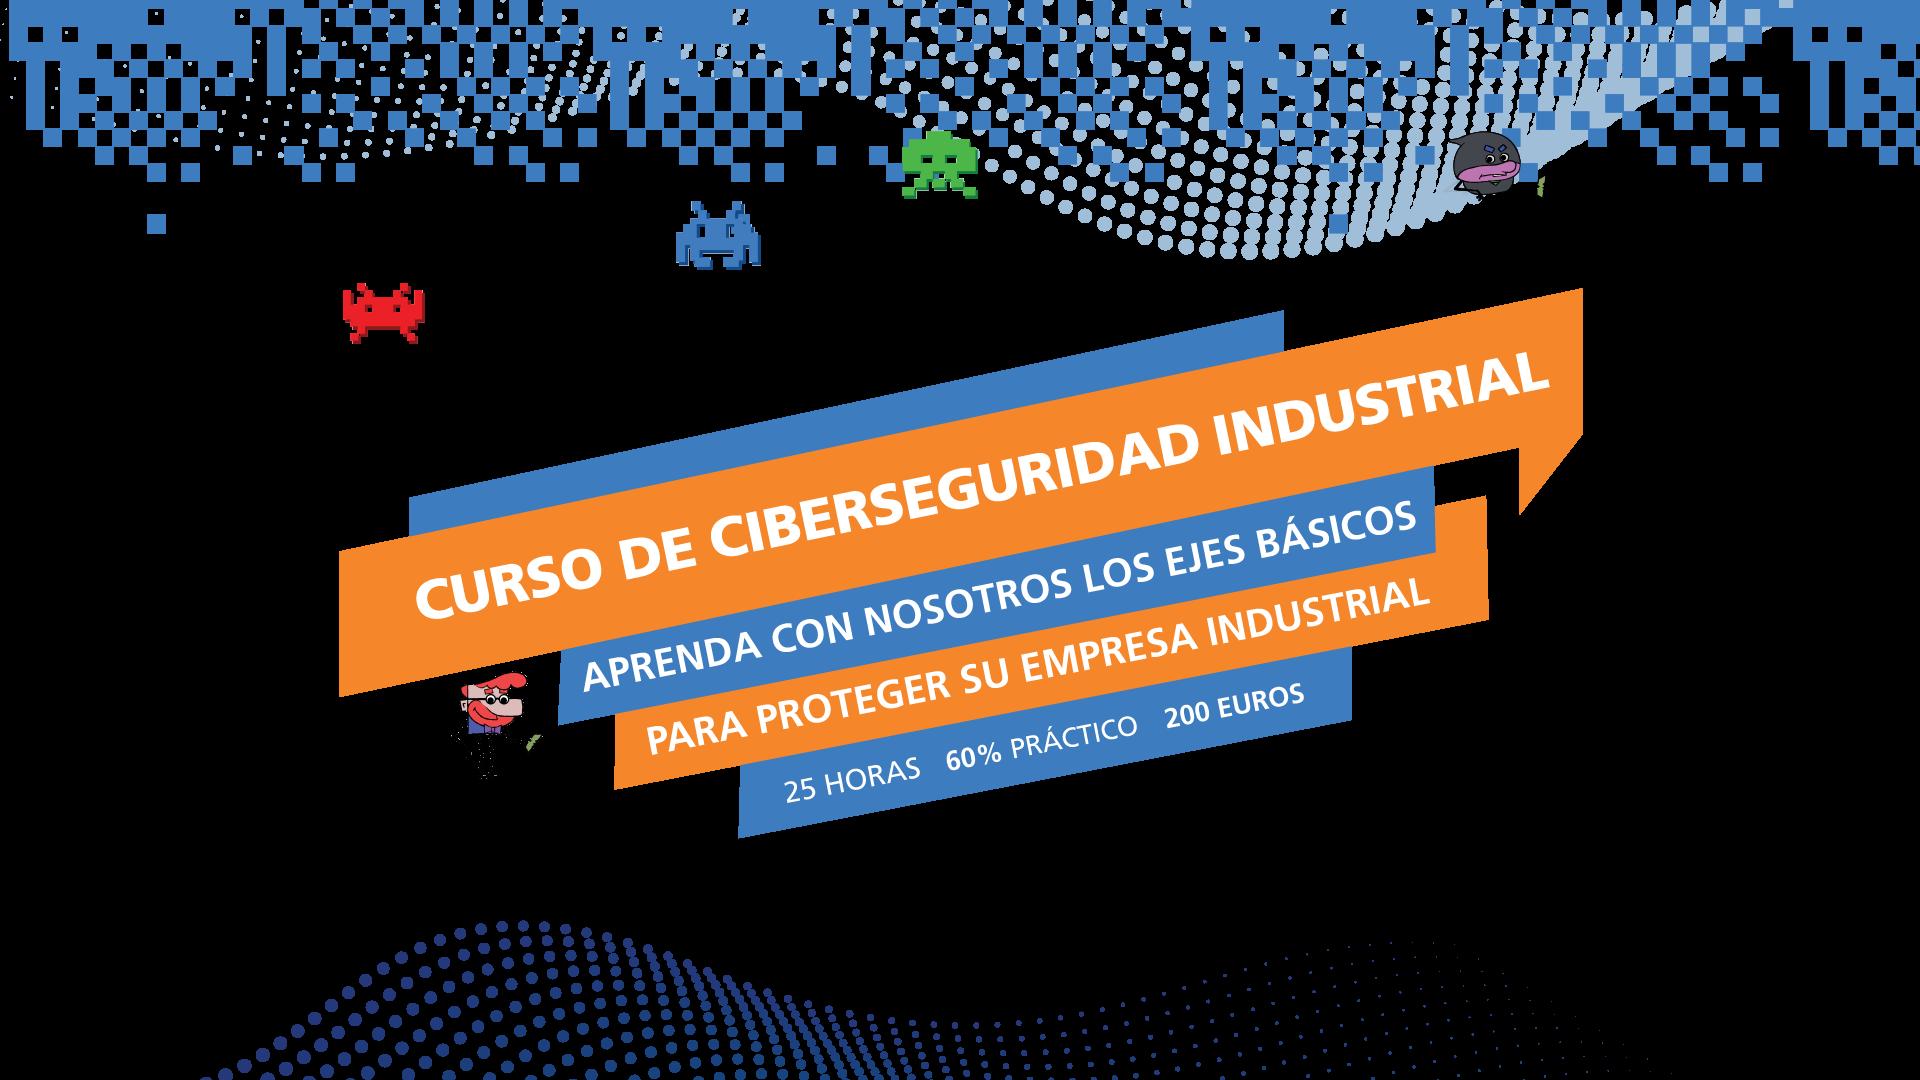 Curso ciberseguridad industrial